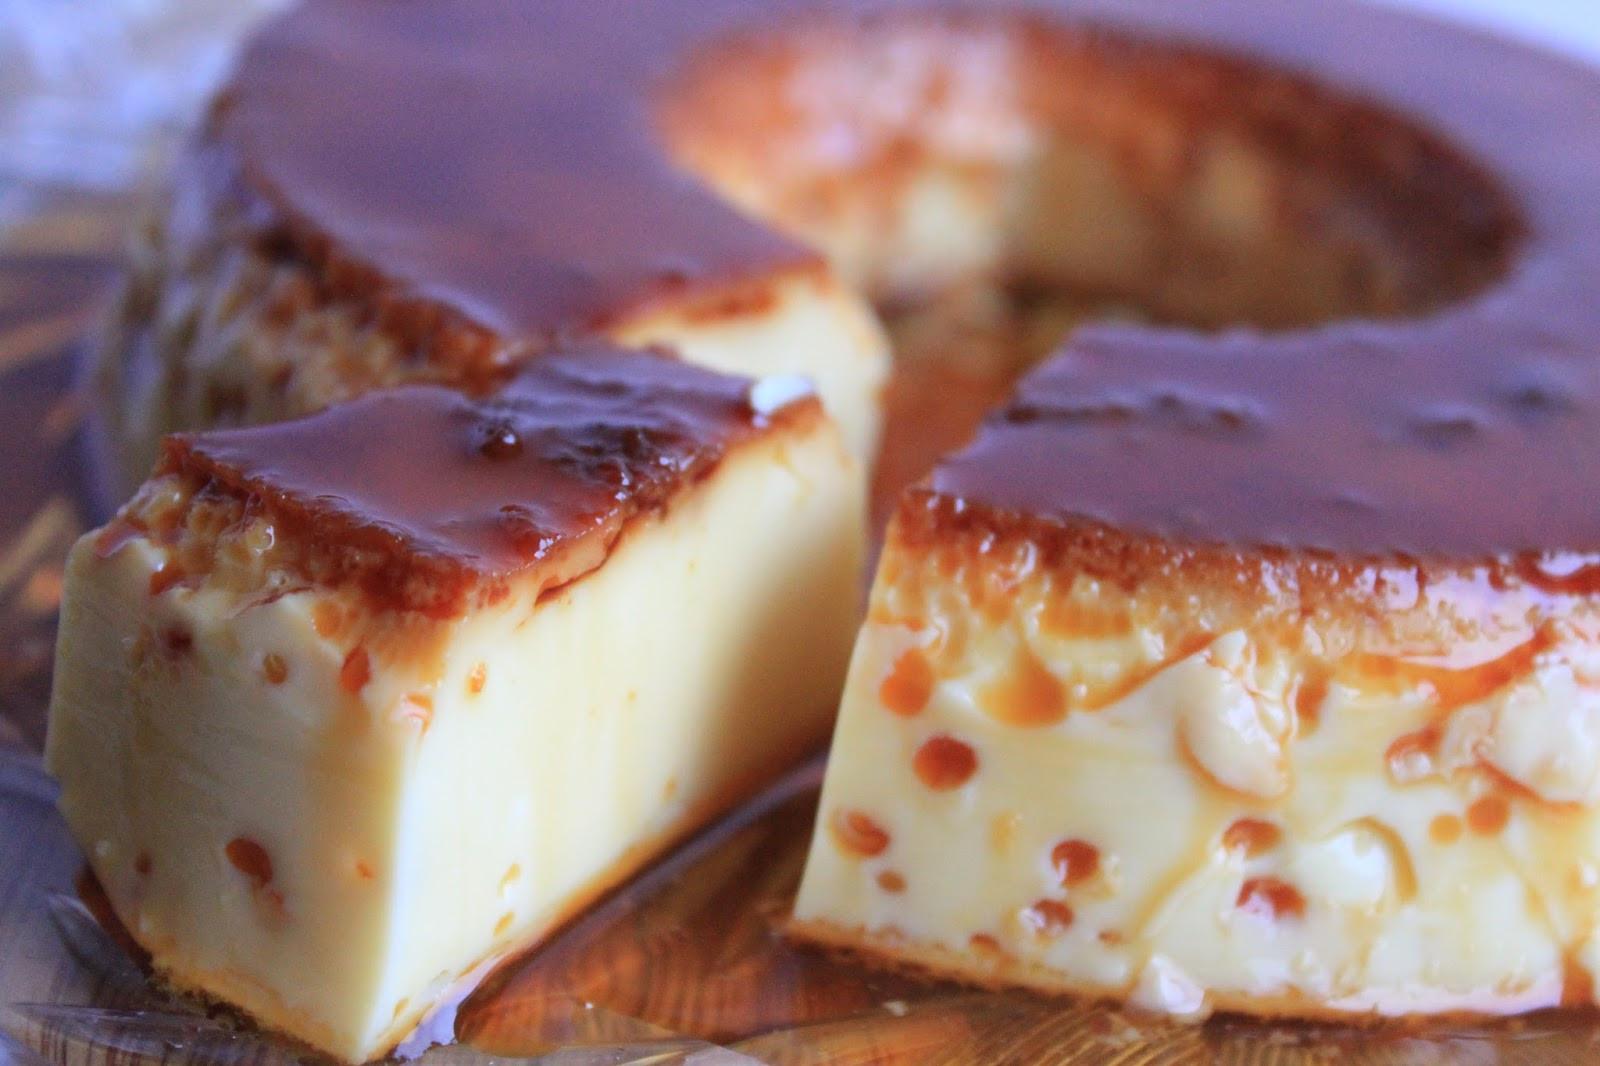 Pressure Cooker Dessert Recipes  Crème caramel or Caramel Flan Pressure Cooker Style